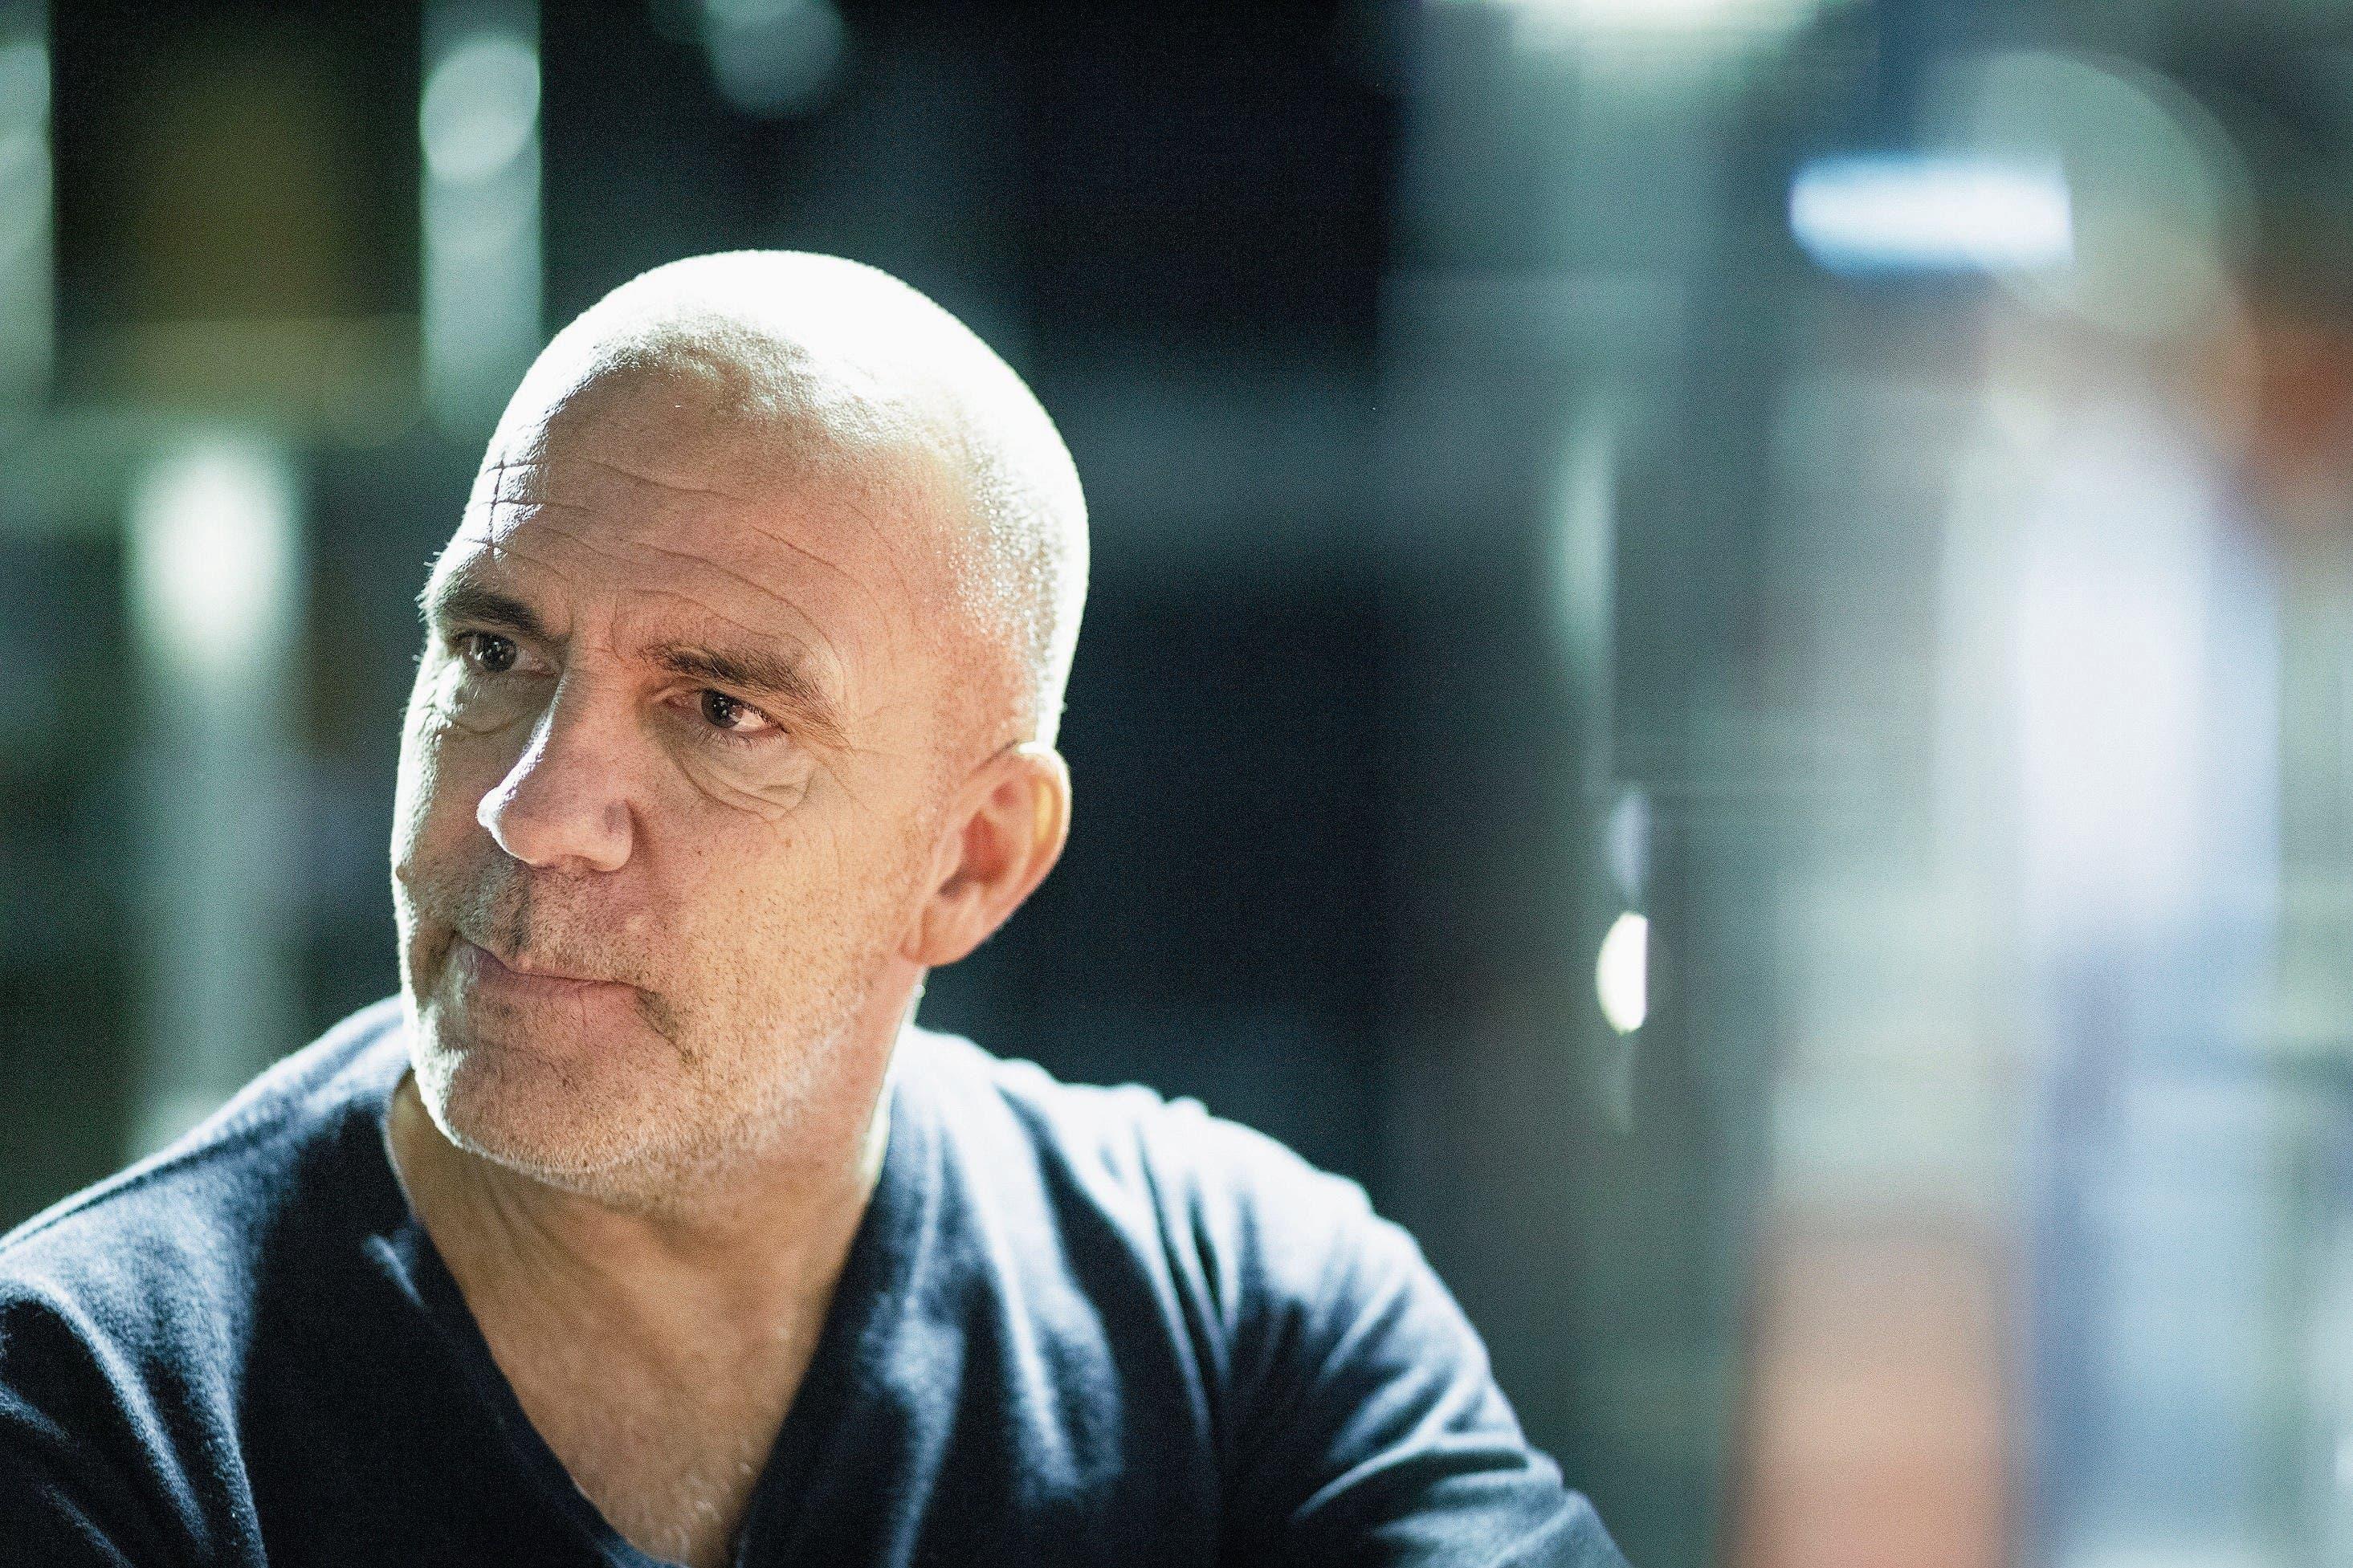 Die Angst vor dem Blackout ist da – Guy Landolt (56) vor seinem ersten Auftritt nach dem Schicksalsschlag, der ihm Sprache und Beweglichkeit genommen hatte.